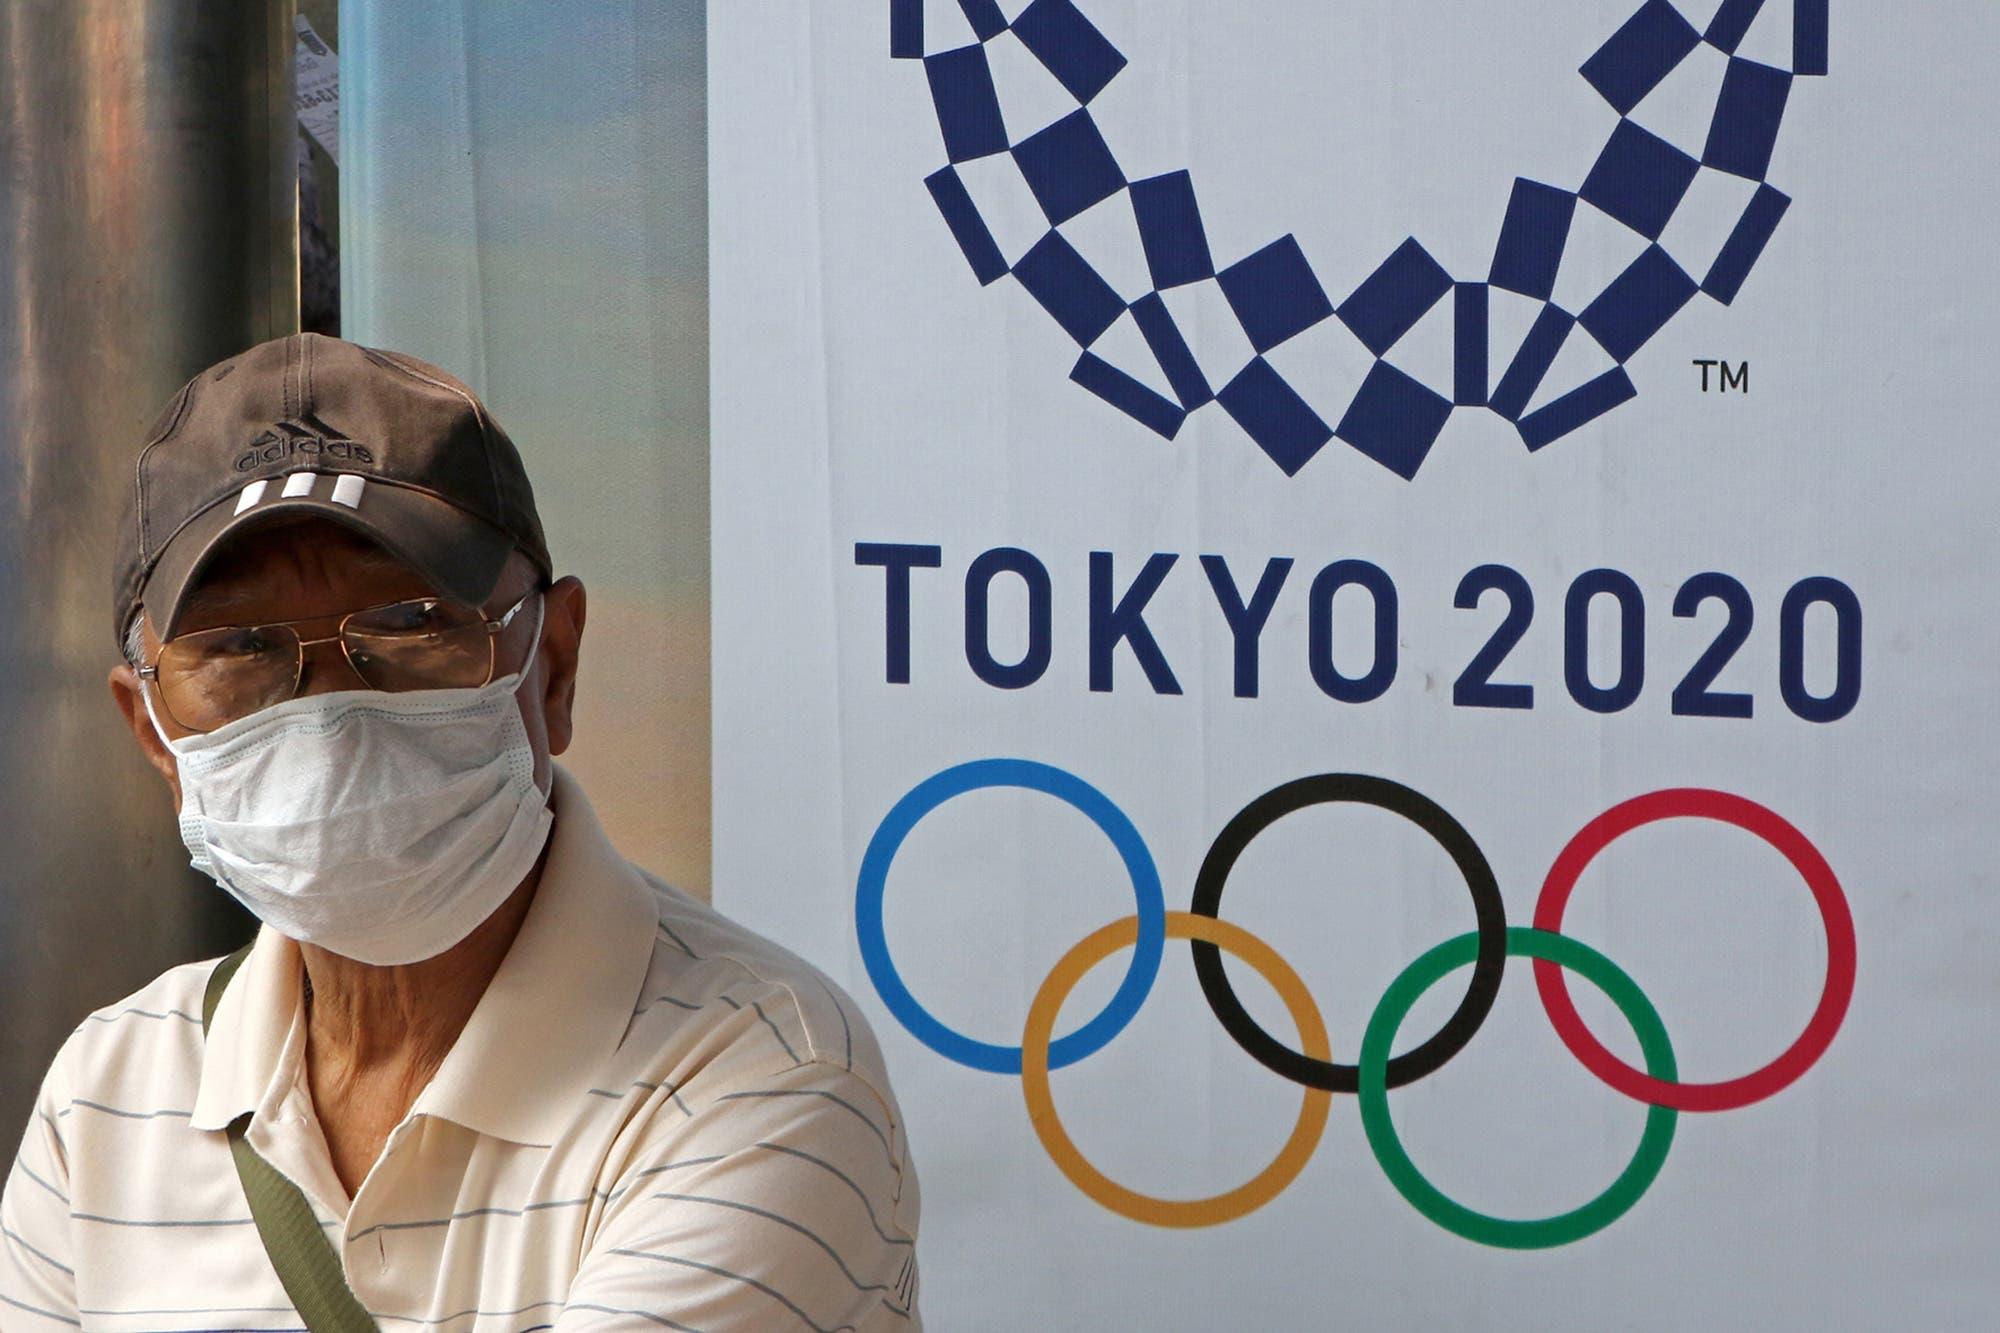 Tokio 2020: Gerardo Werthein explicó los motivos por los que el COI aún no suspendió los Juegos Olímpicos